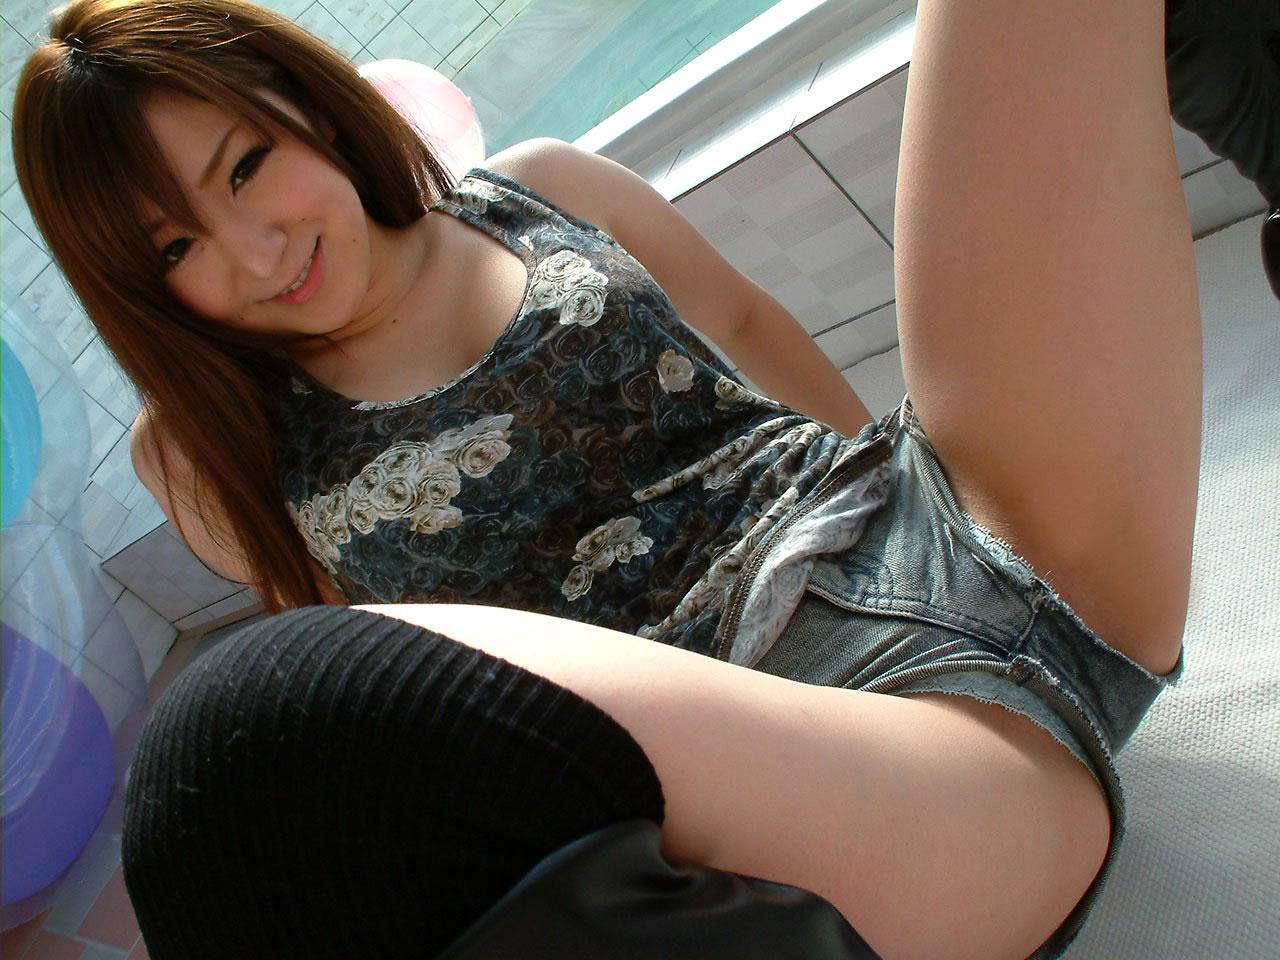 【短パンエロ画像】キワまでキワキワなショート丈のパンツが似合う子と付き合いたい! 26